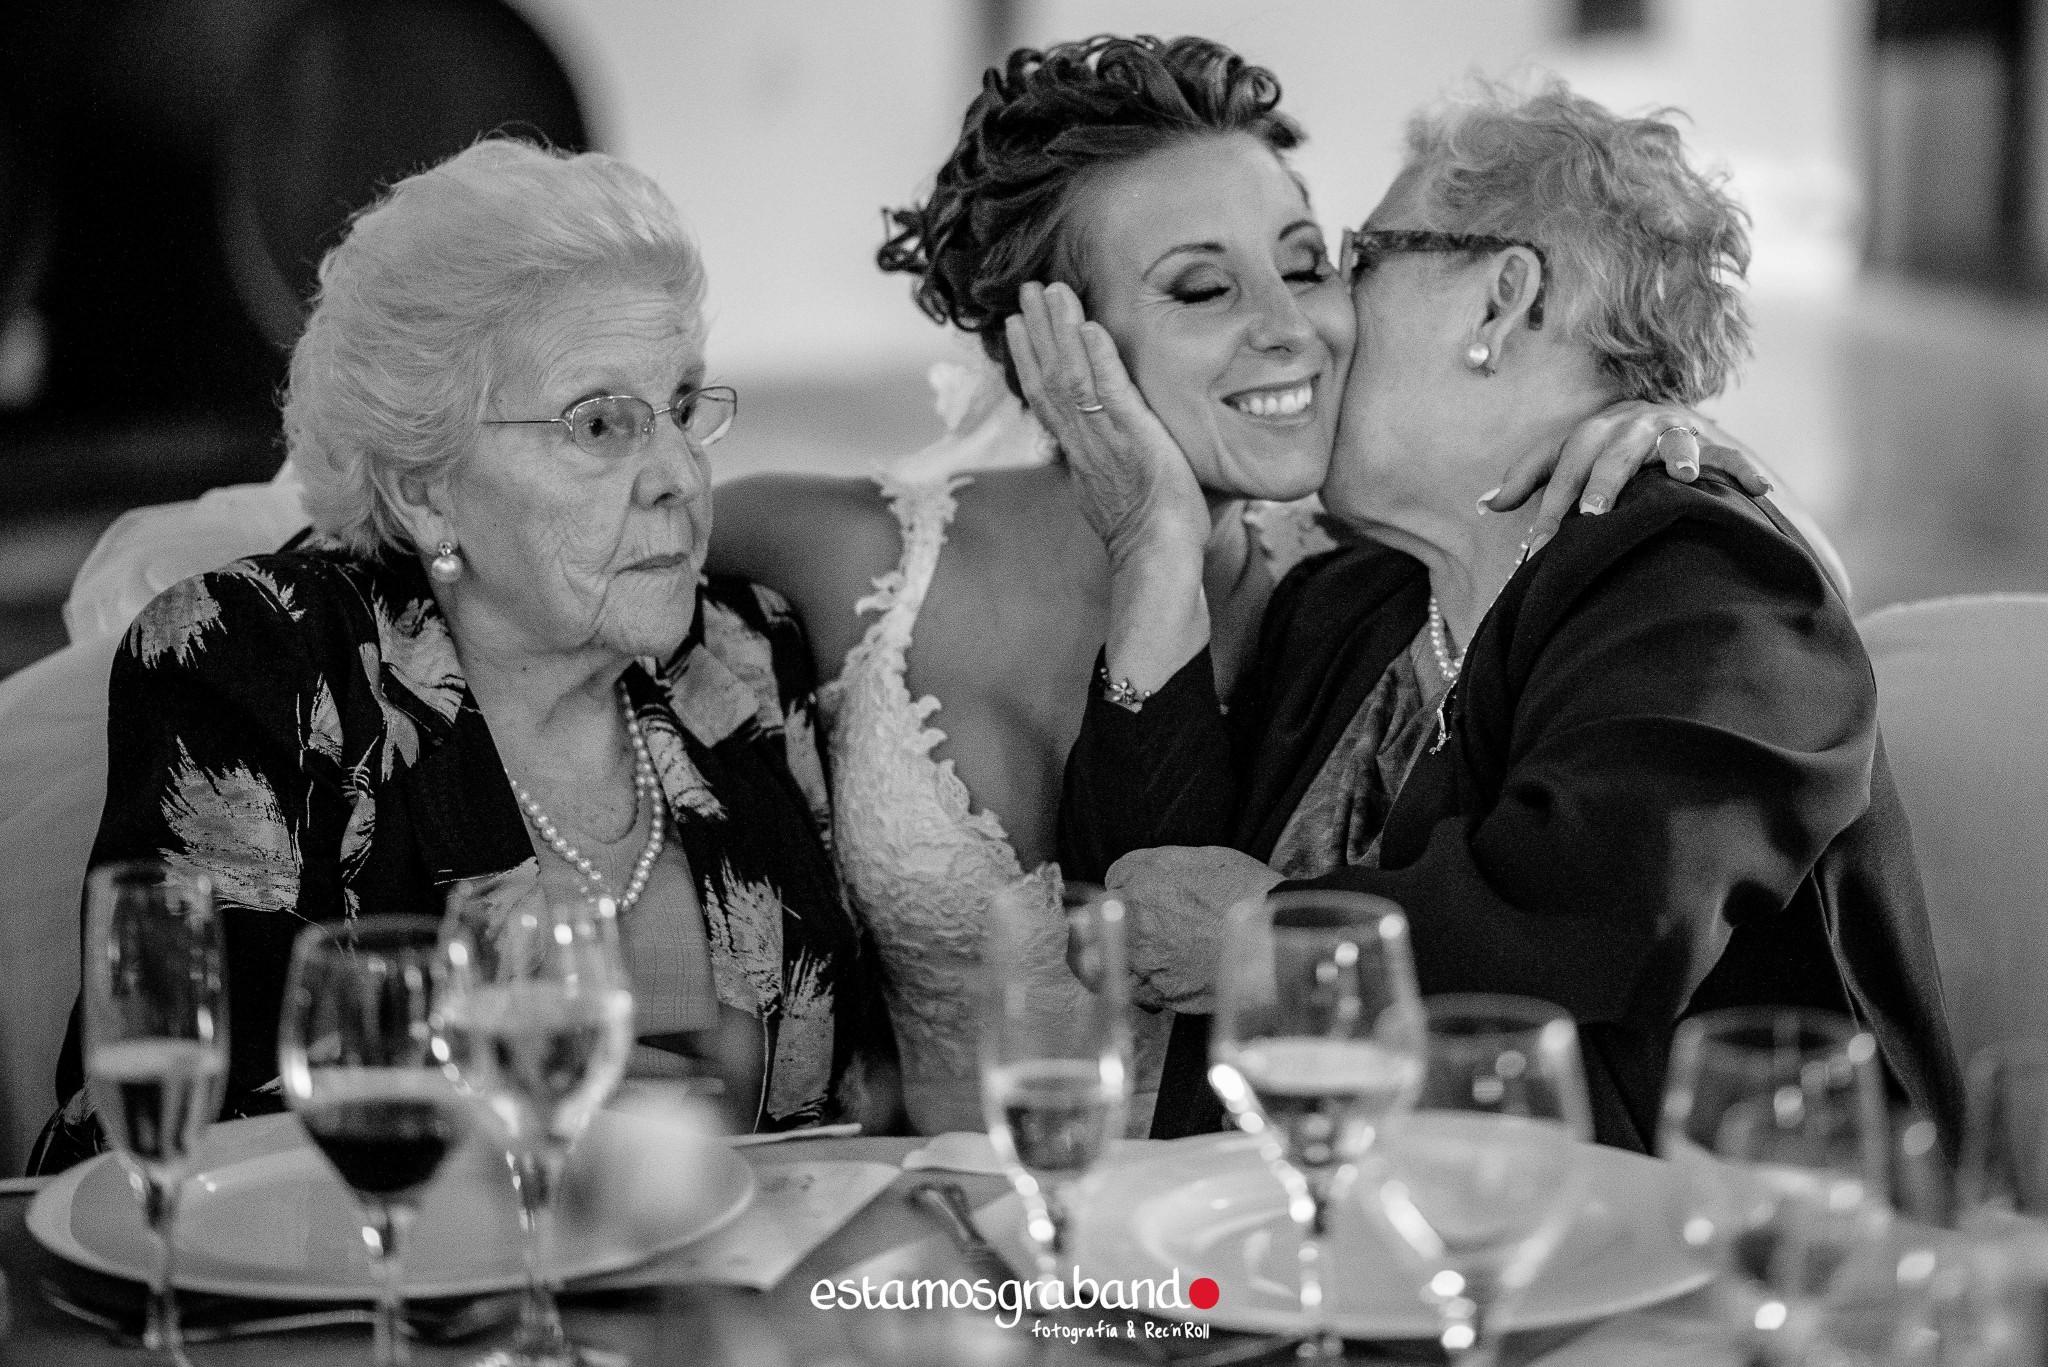 raquel-ale-57-de-68 Raquel & Ale - video boda cadiz